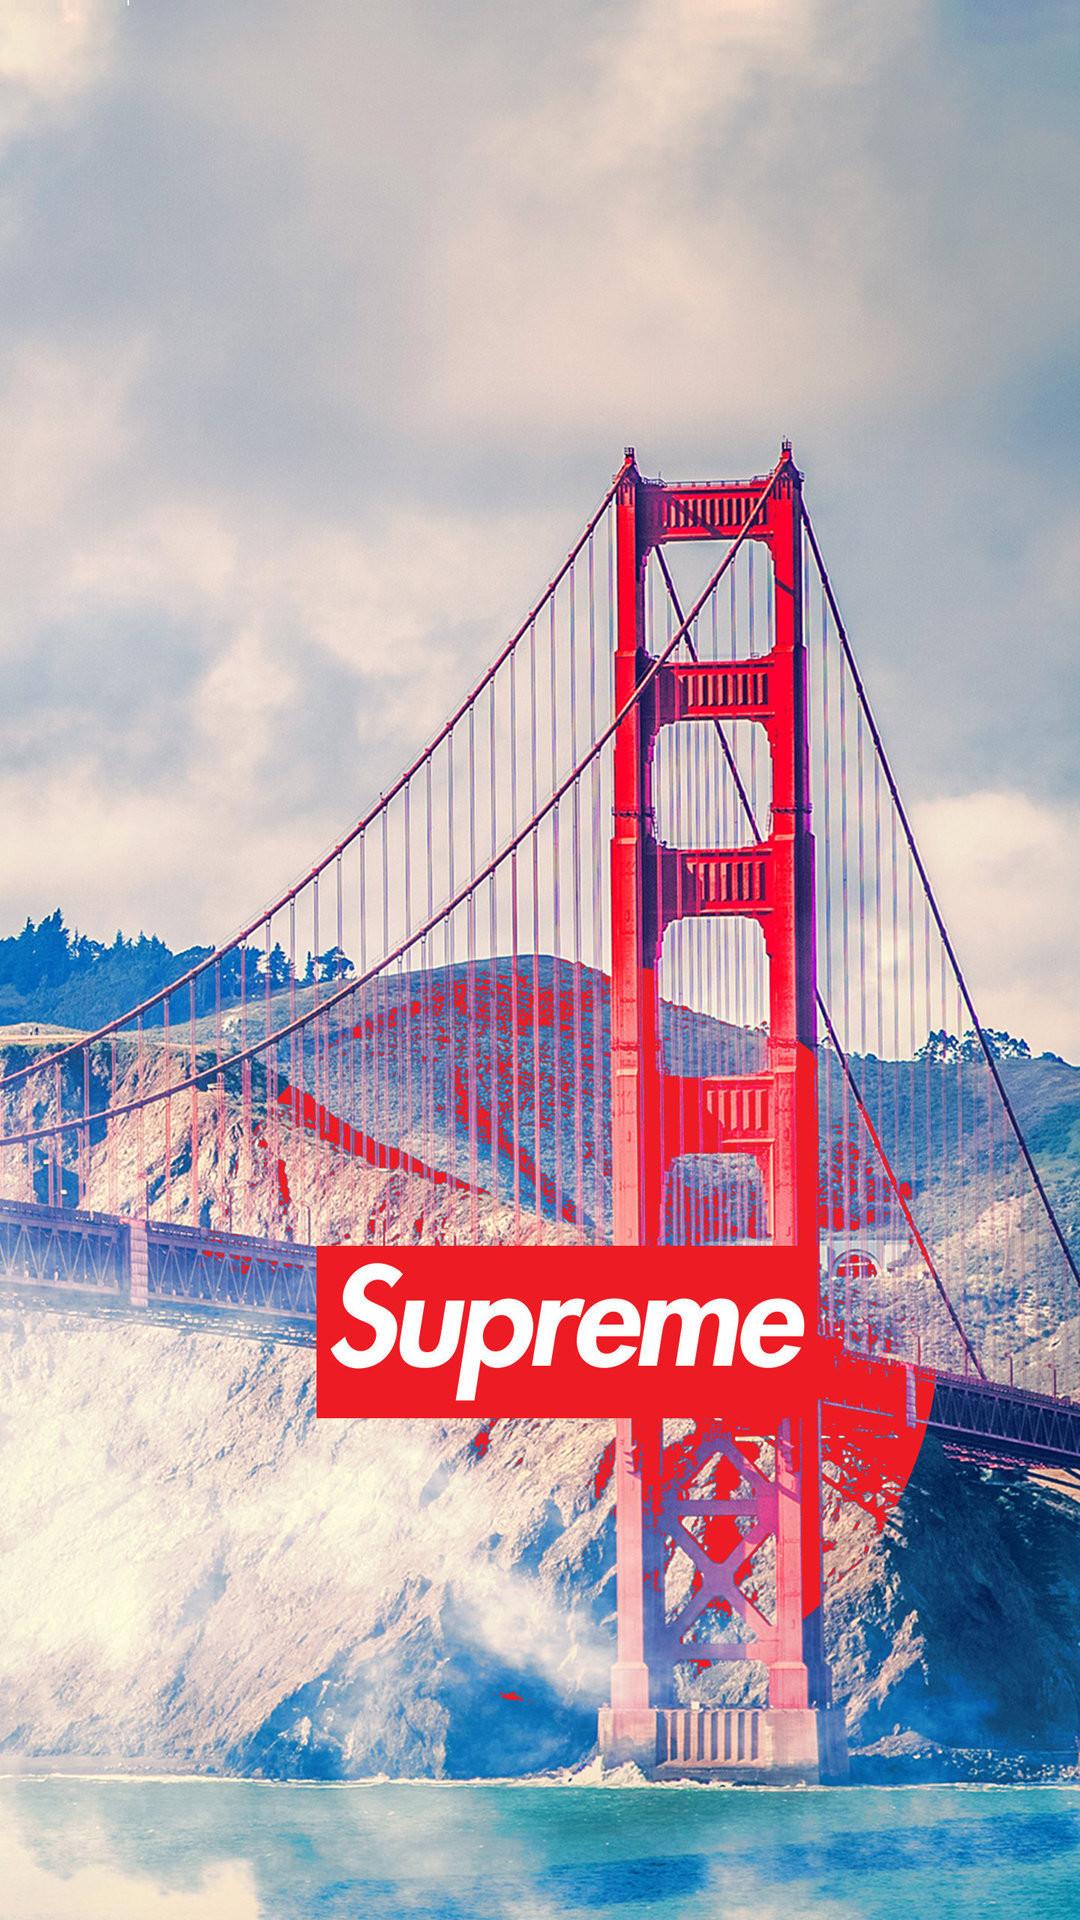 San Francisco Supreme